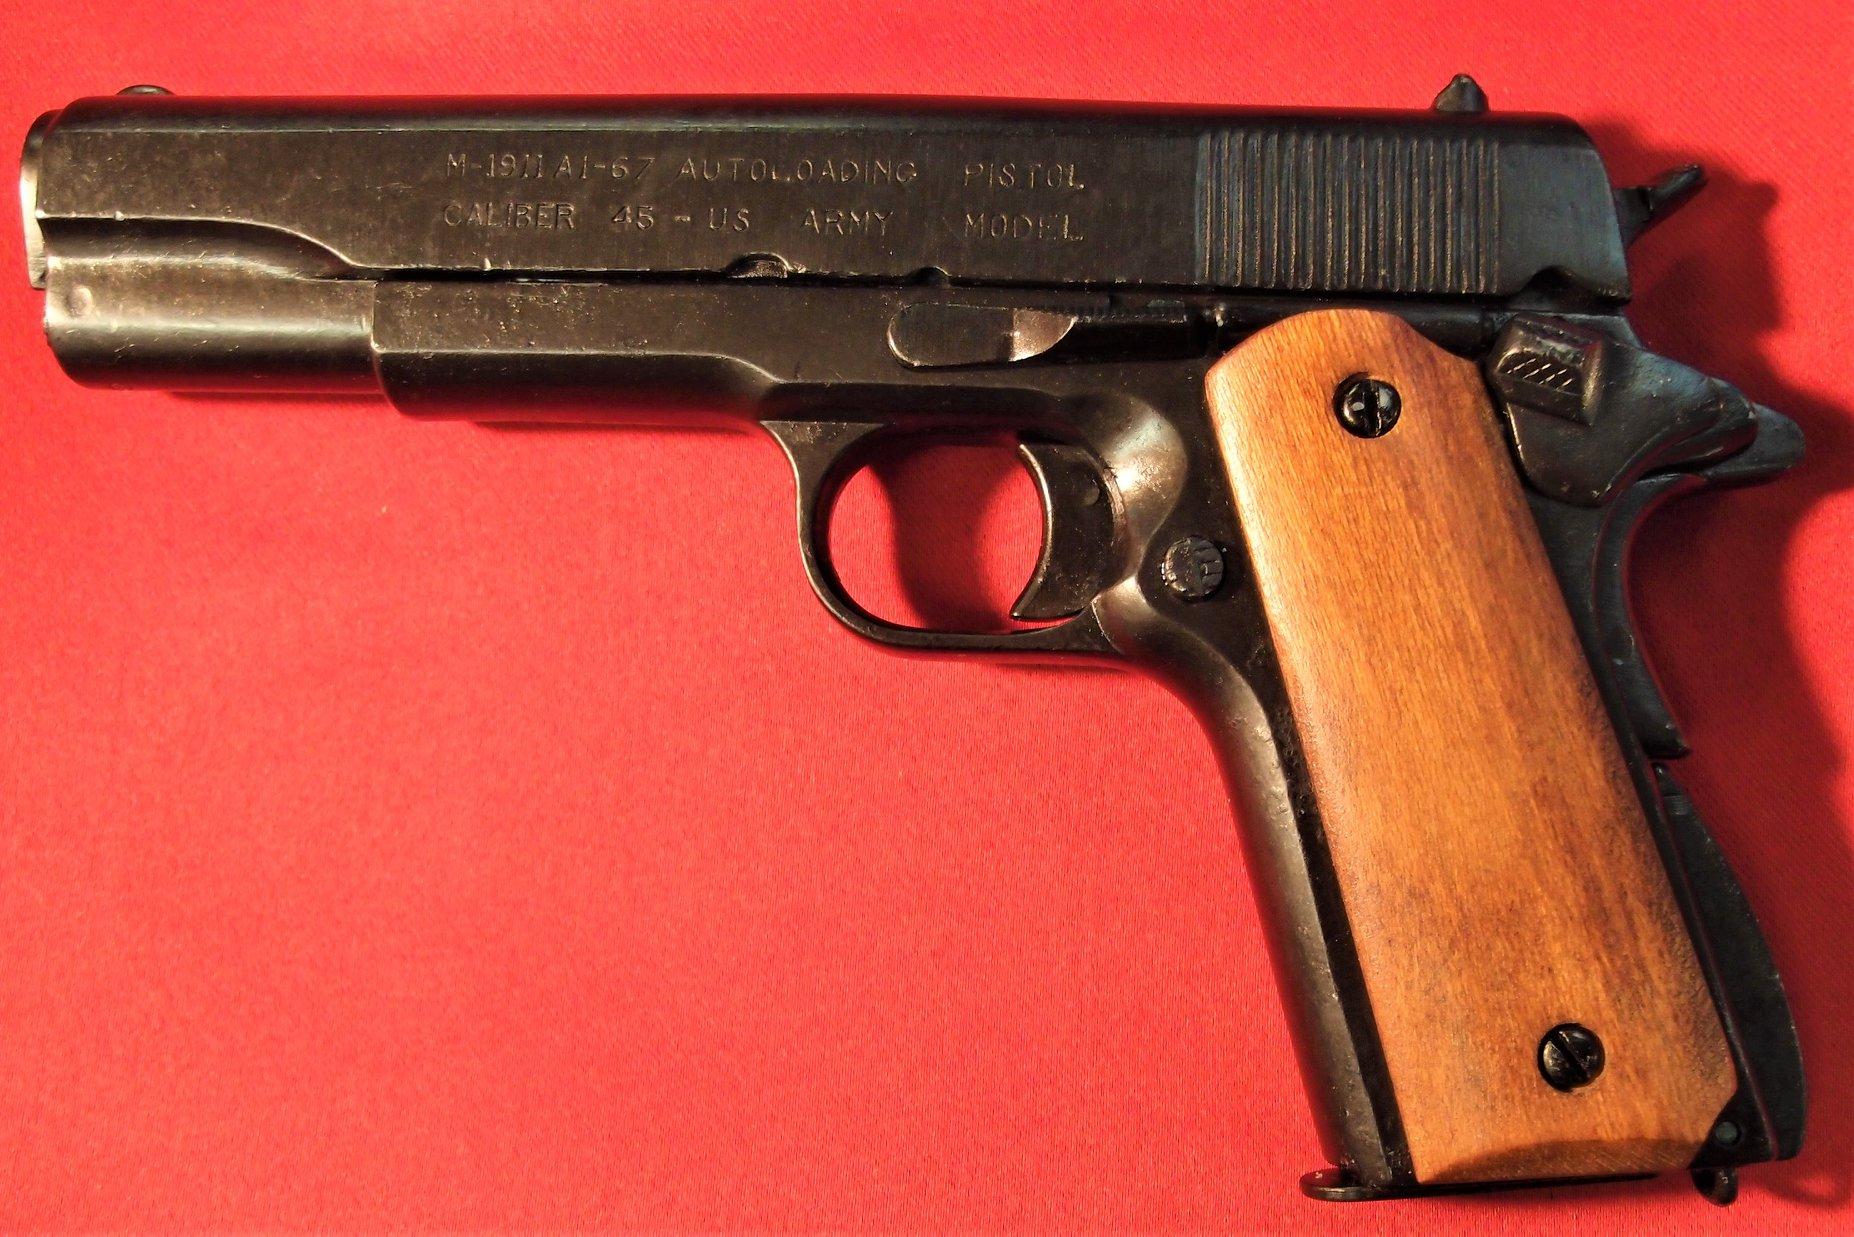 REPLICA M1911 US COLT HAND GUN PISTOL DENIX WOODEN GRIPS